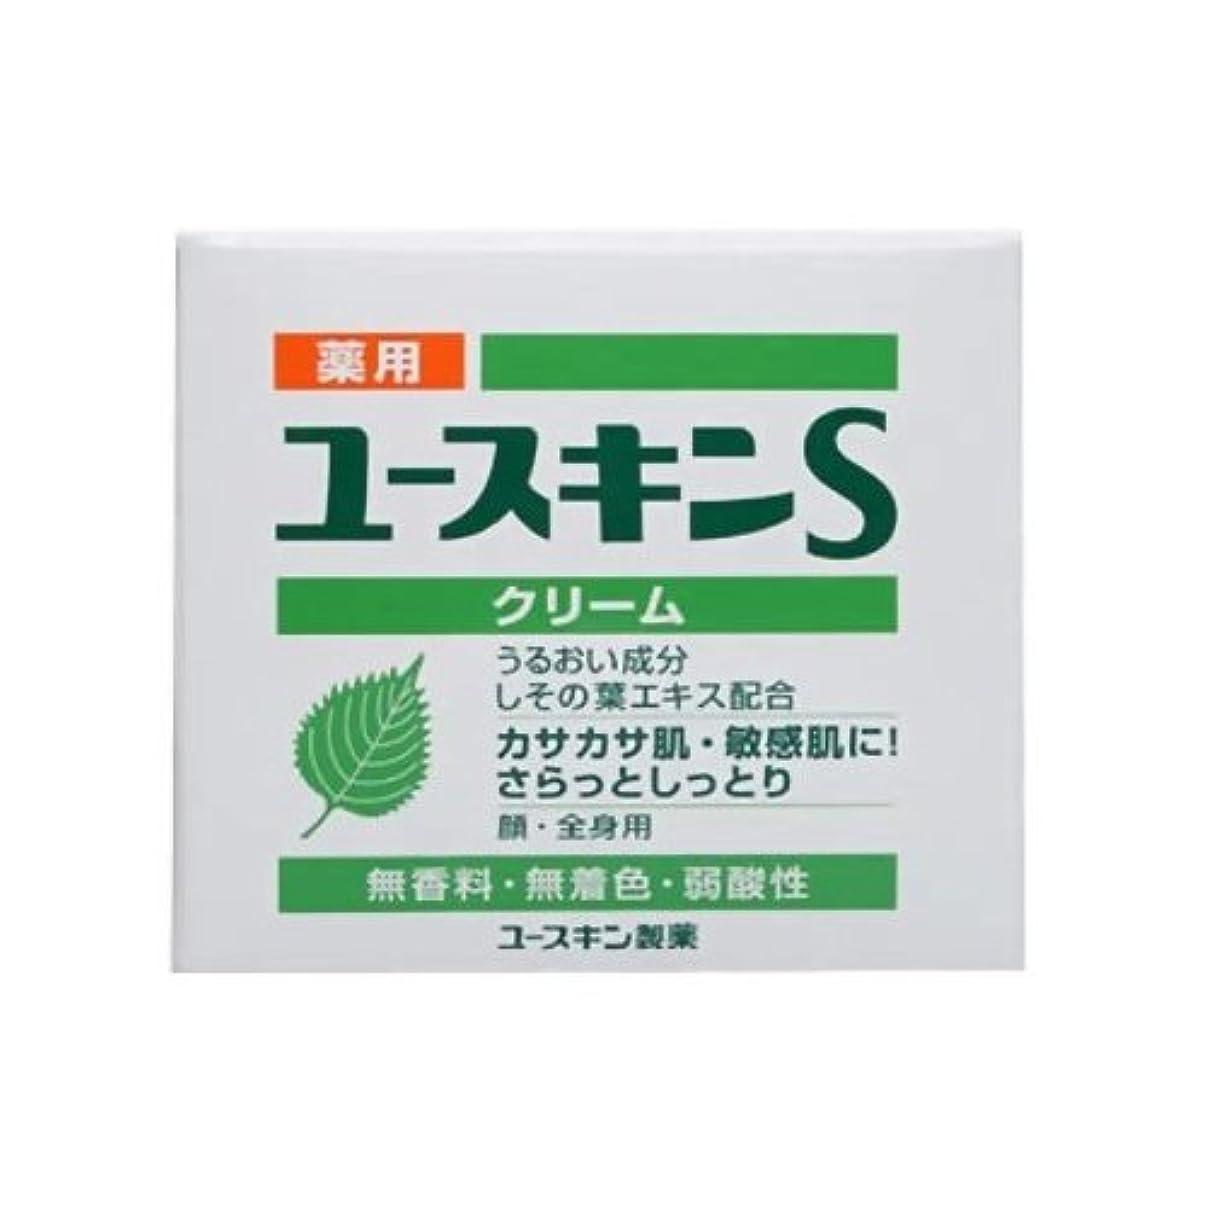 のれん苦行宿薬用ユースキンS クリーム 70g (敏感肌用 保湿クリーム) 【医薬部外品】